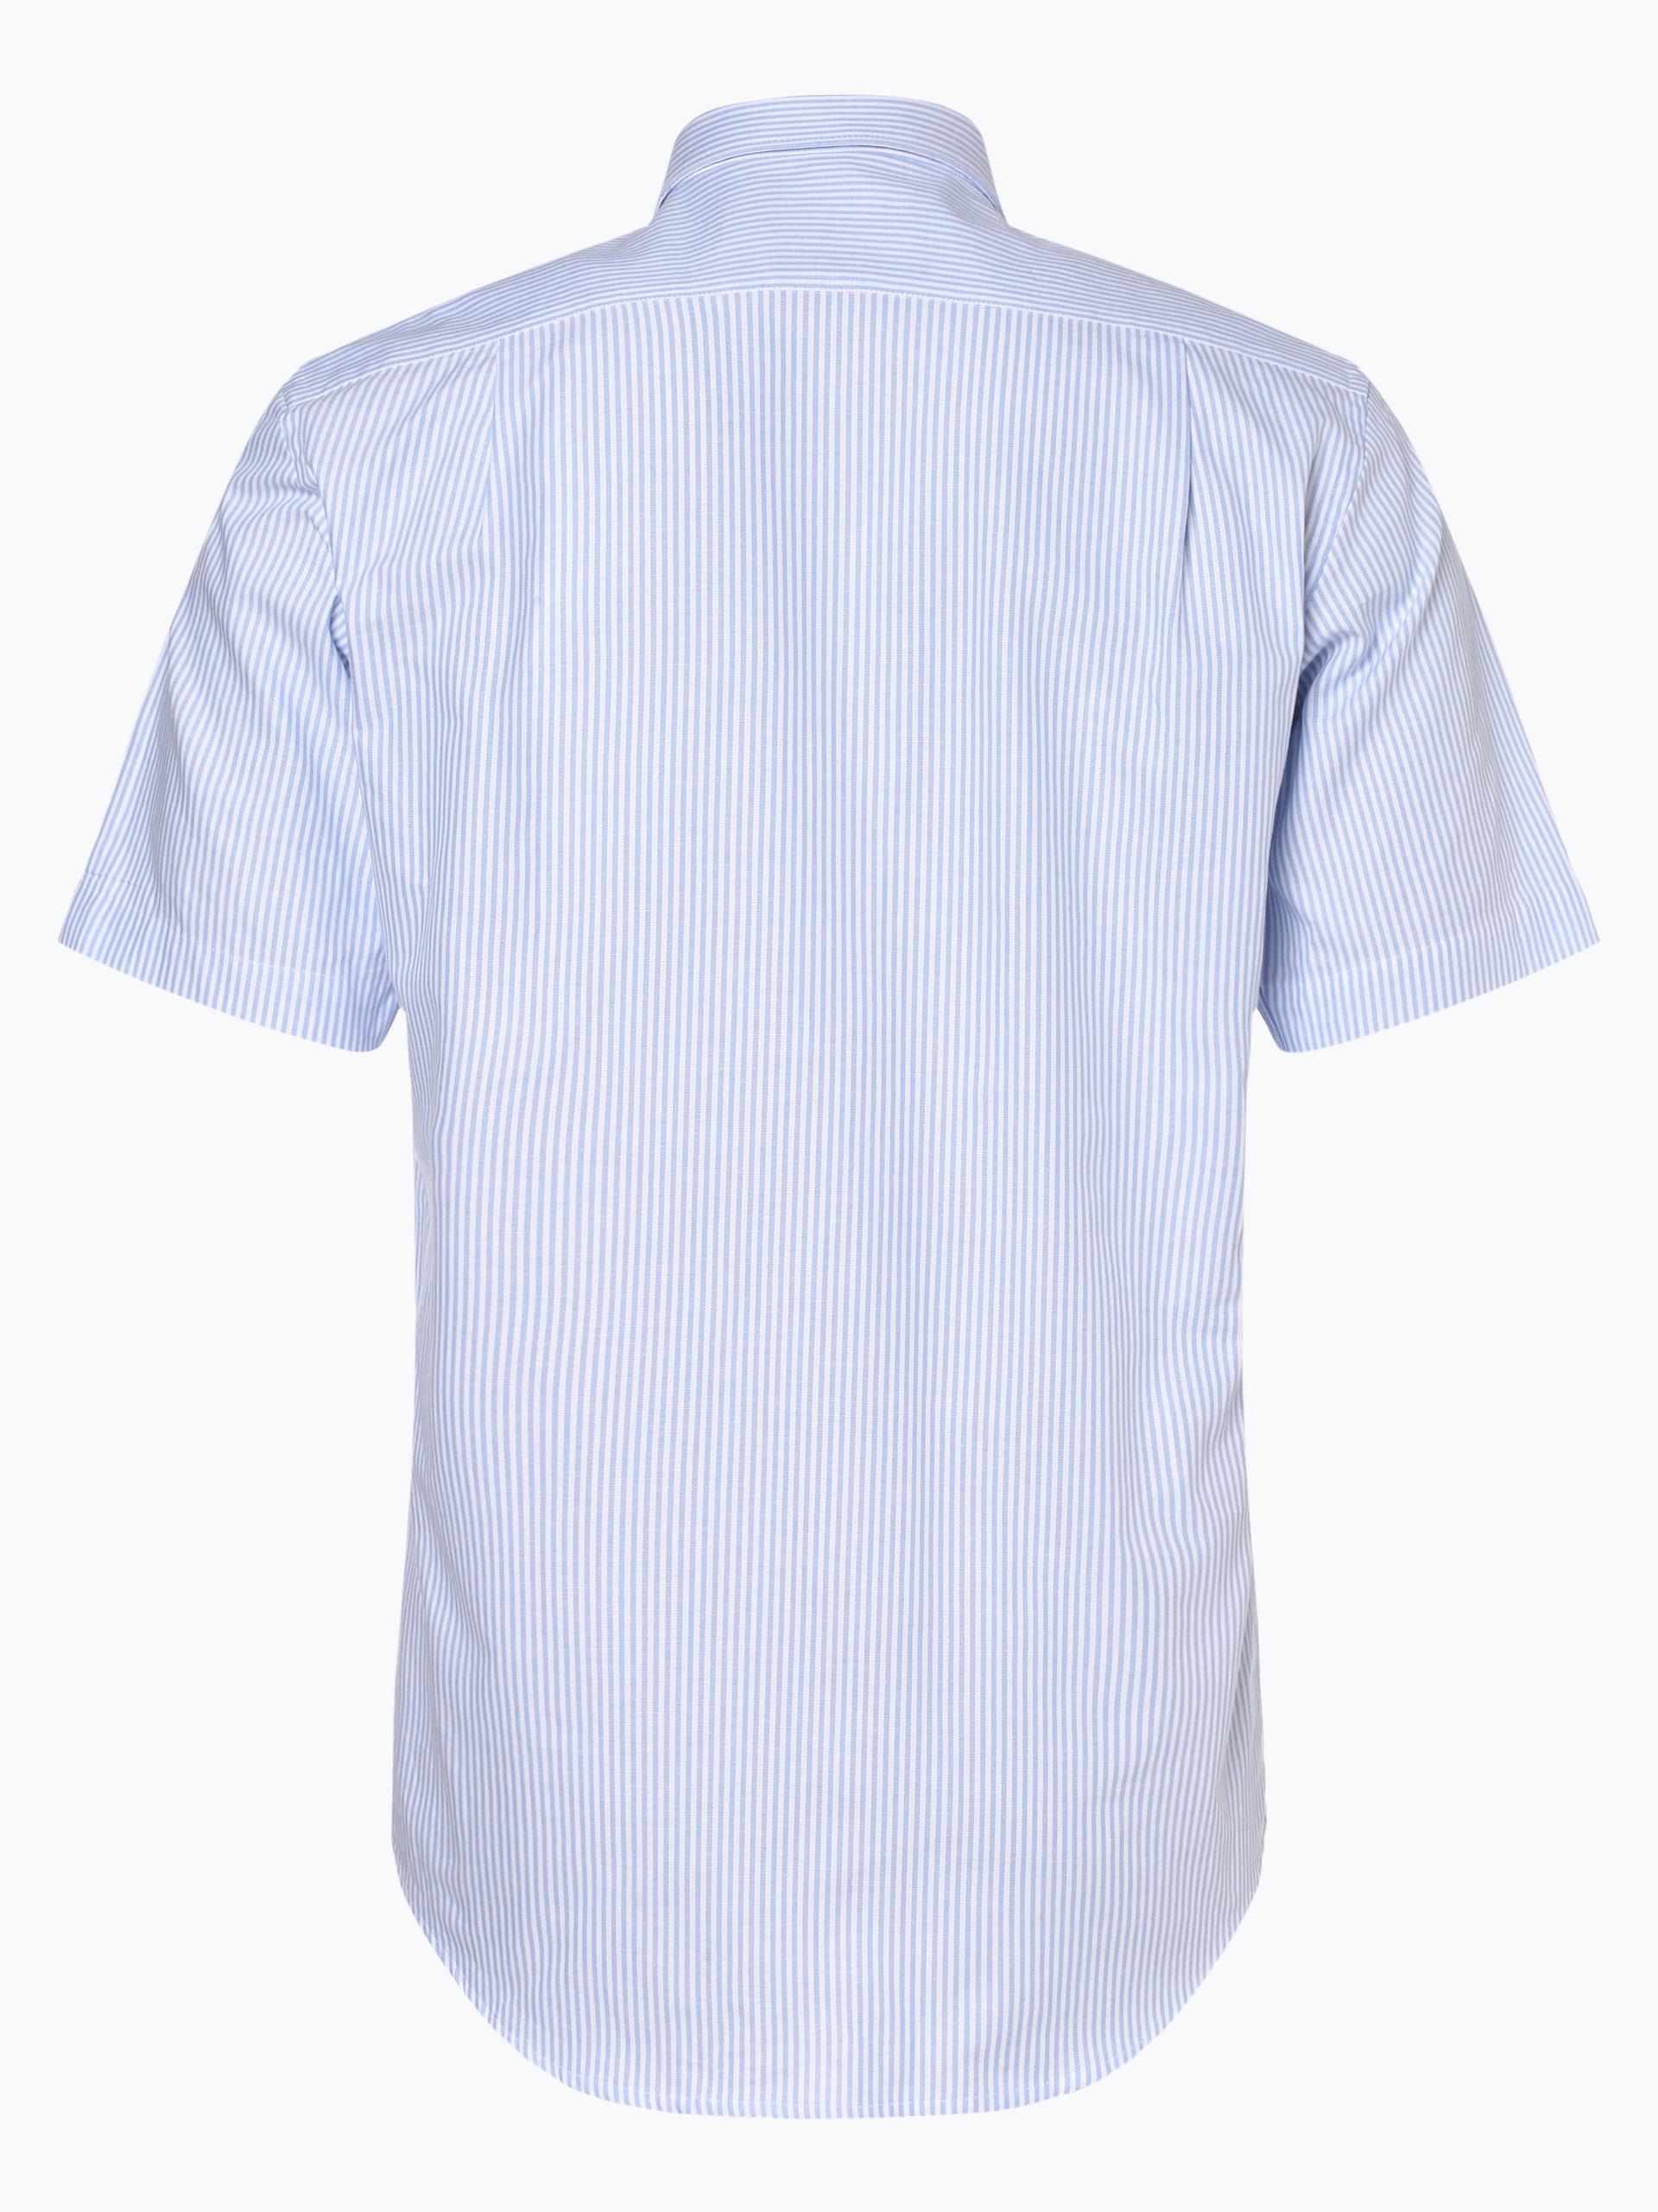 Andrew James Herren Hemd